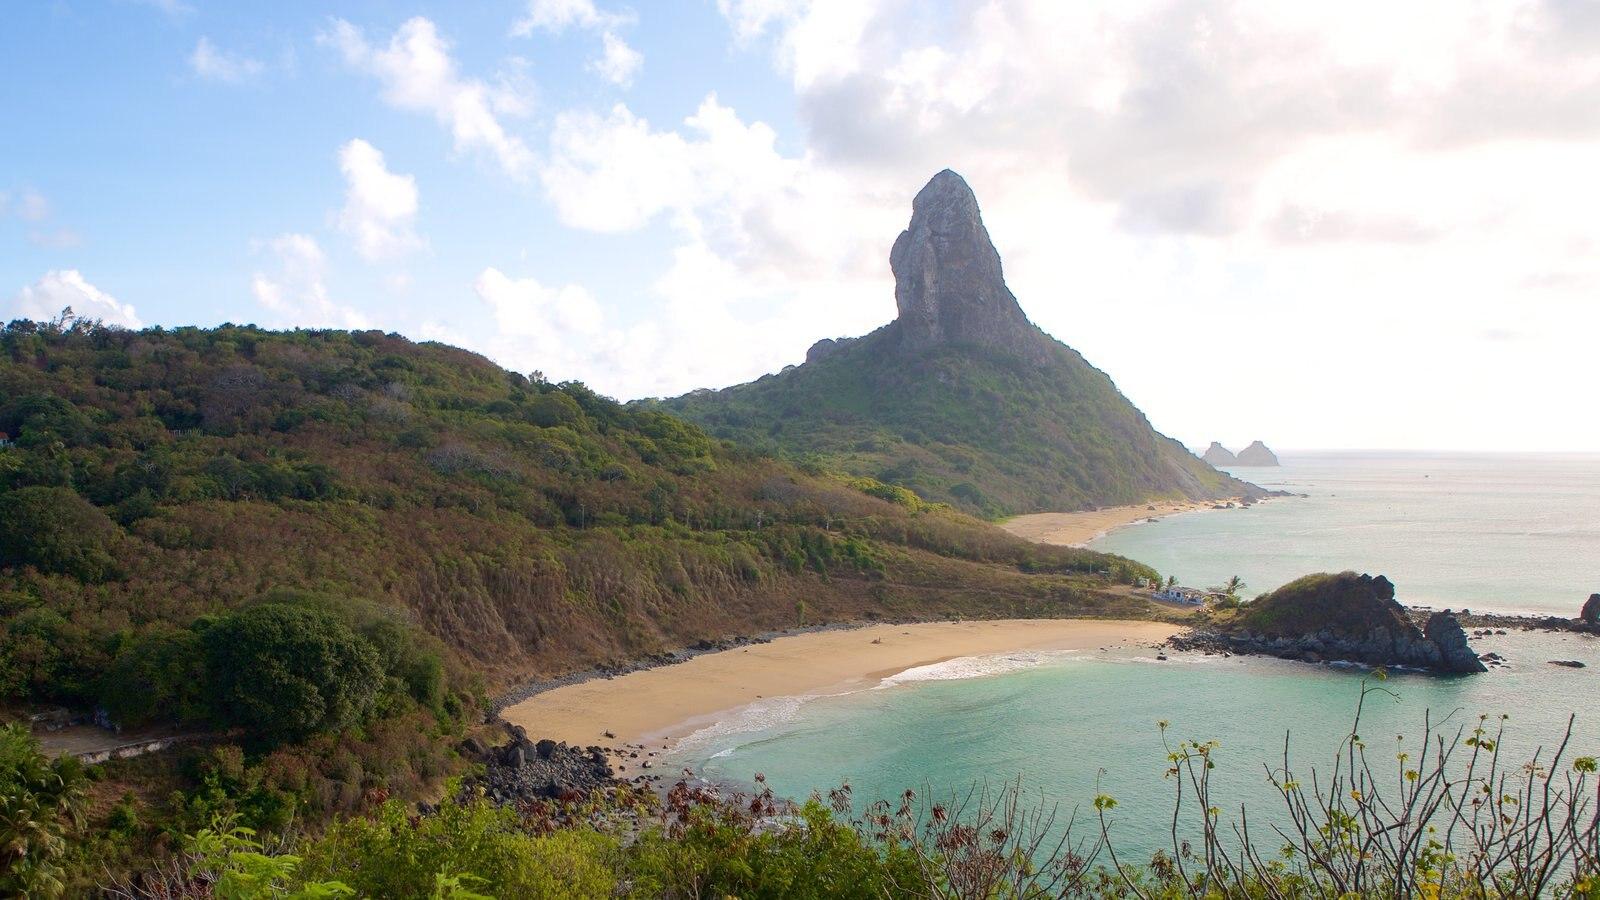 Forte dos Remédios caracterizando uma praia, paisagens litorâneas e montanhas